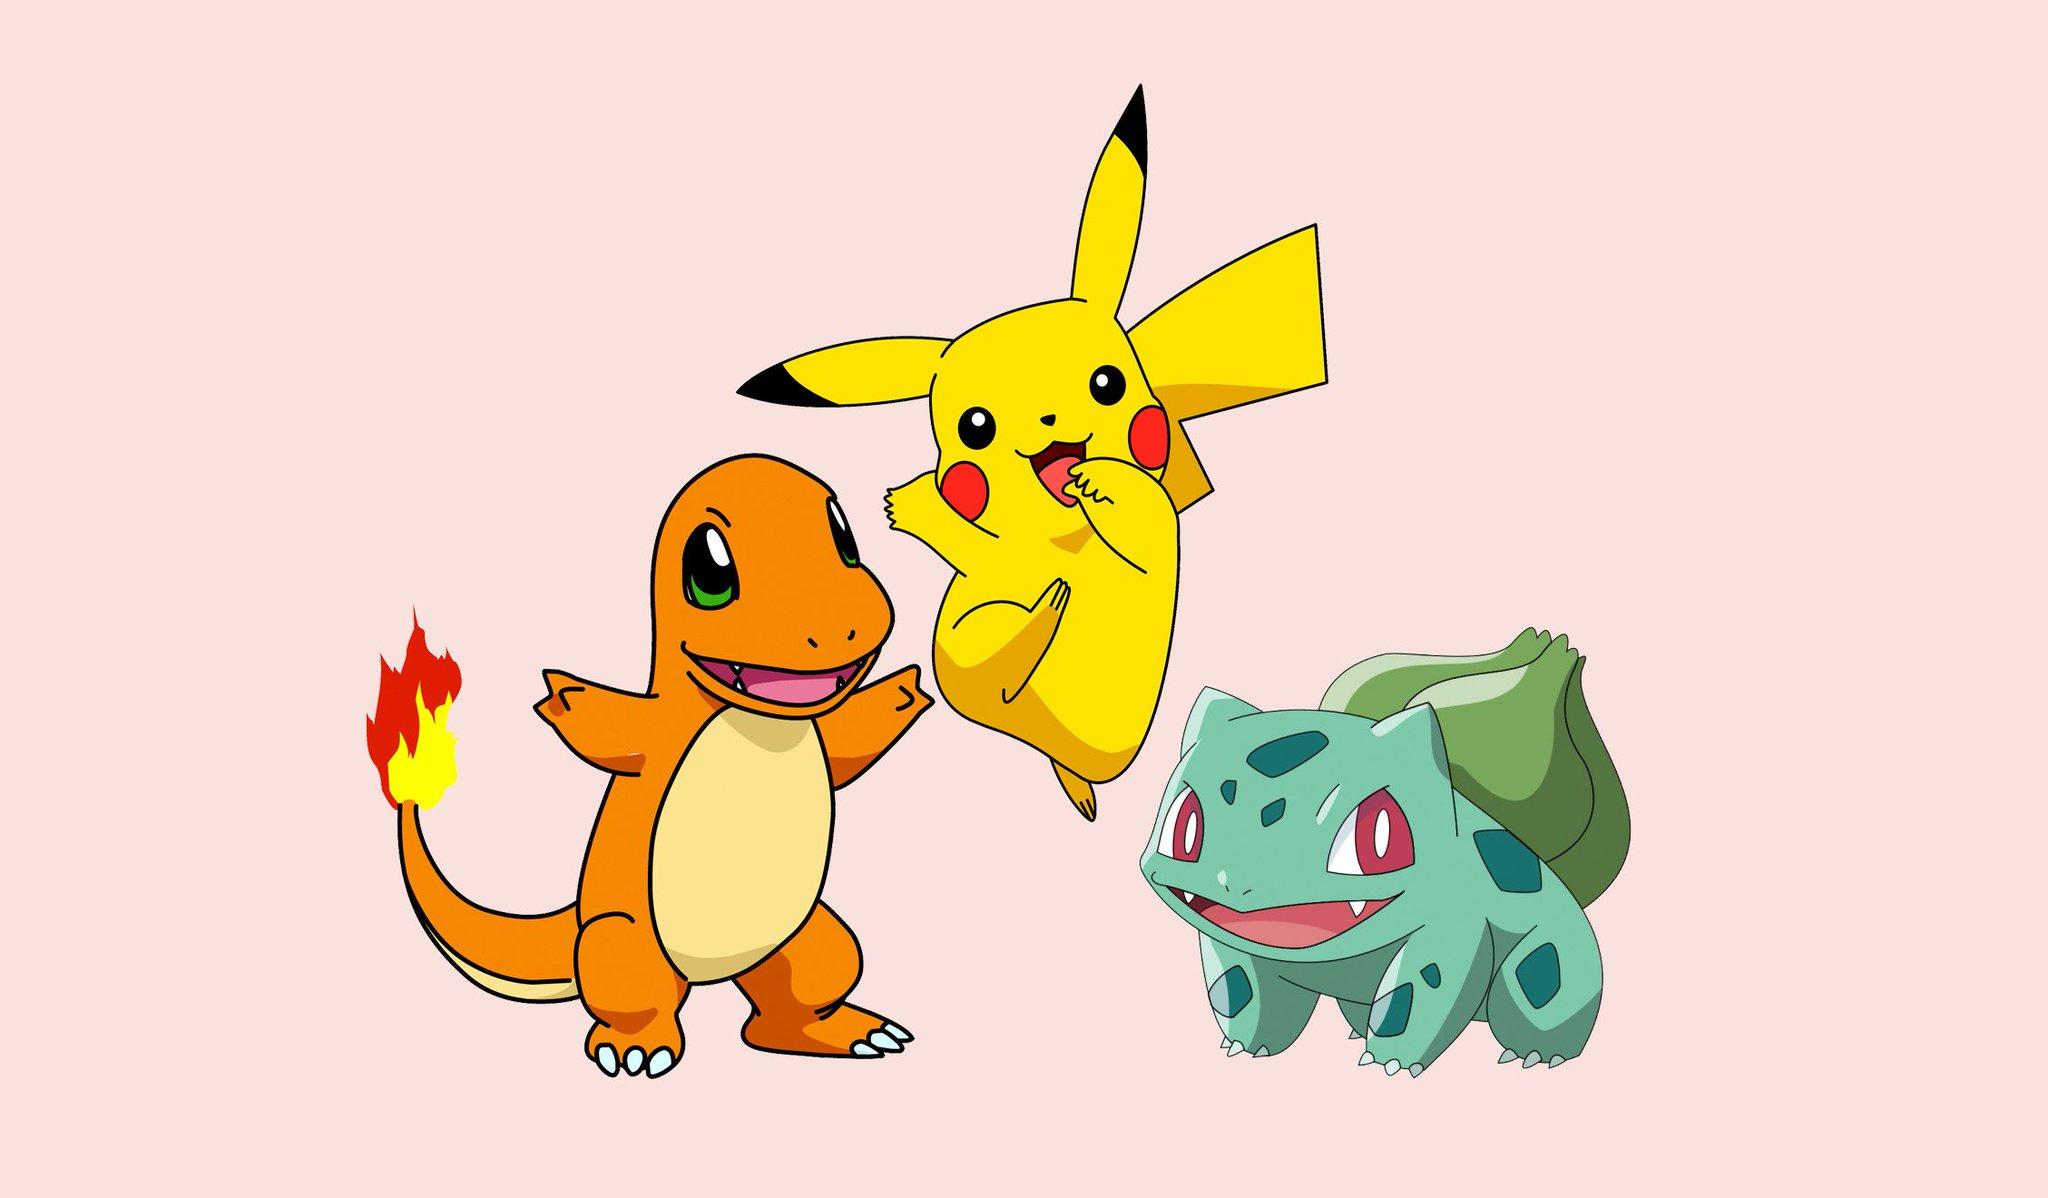 Ảnh nền Pikachu và những người bạn